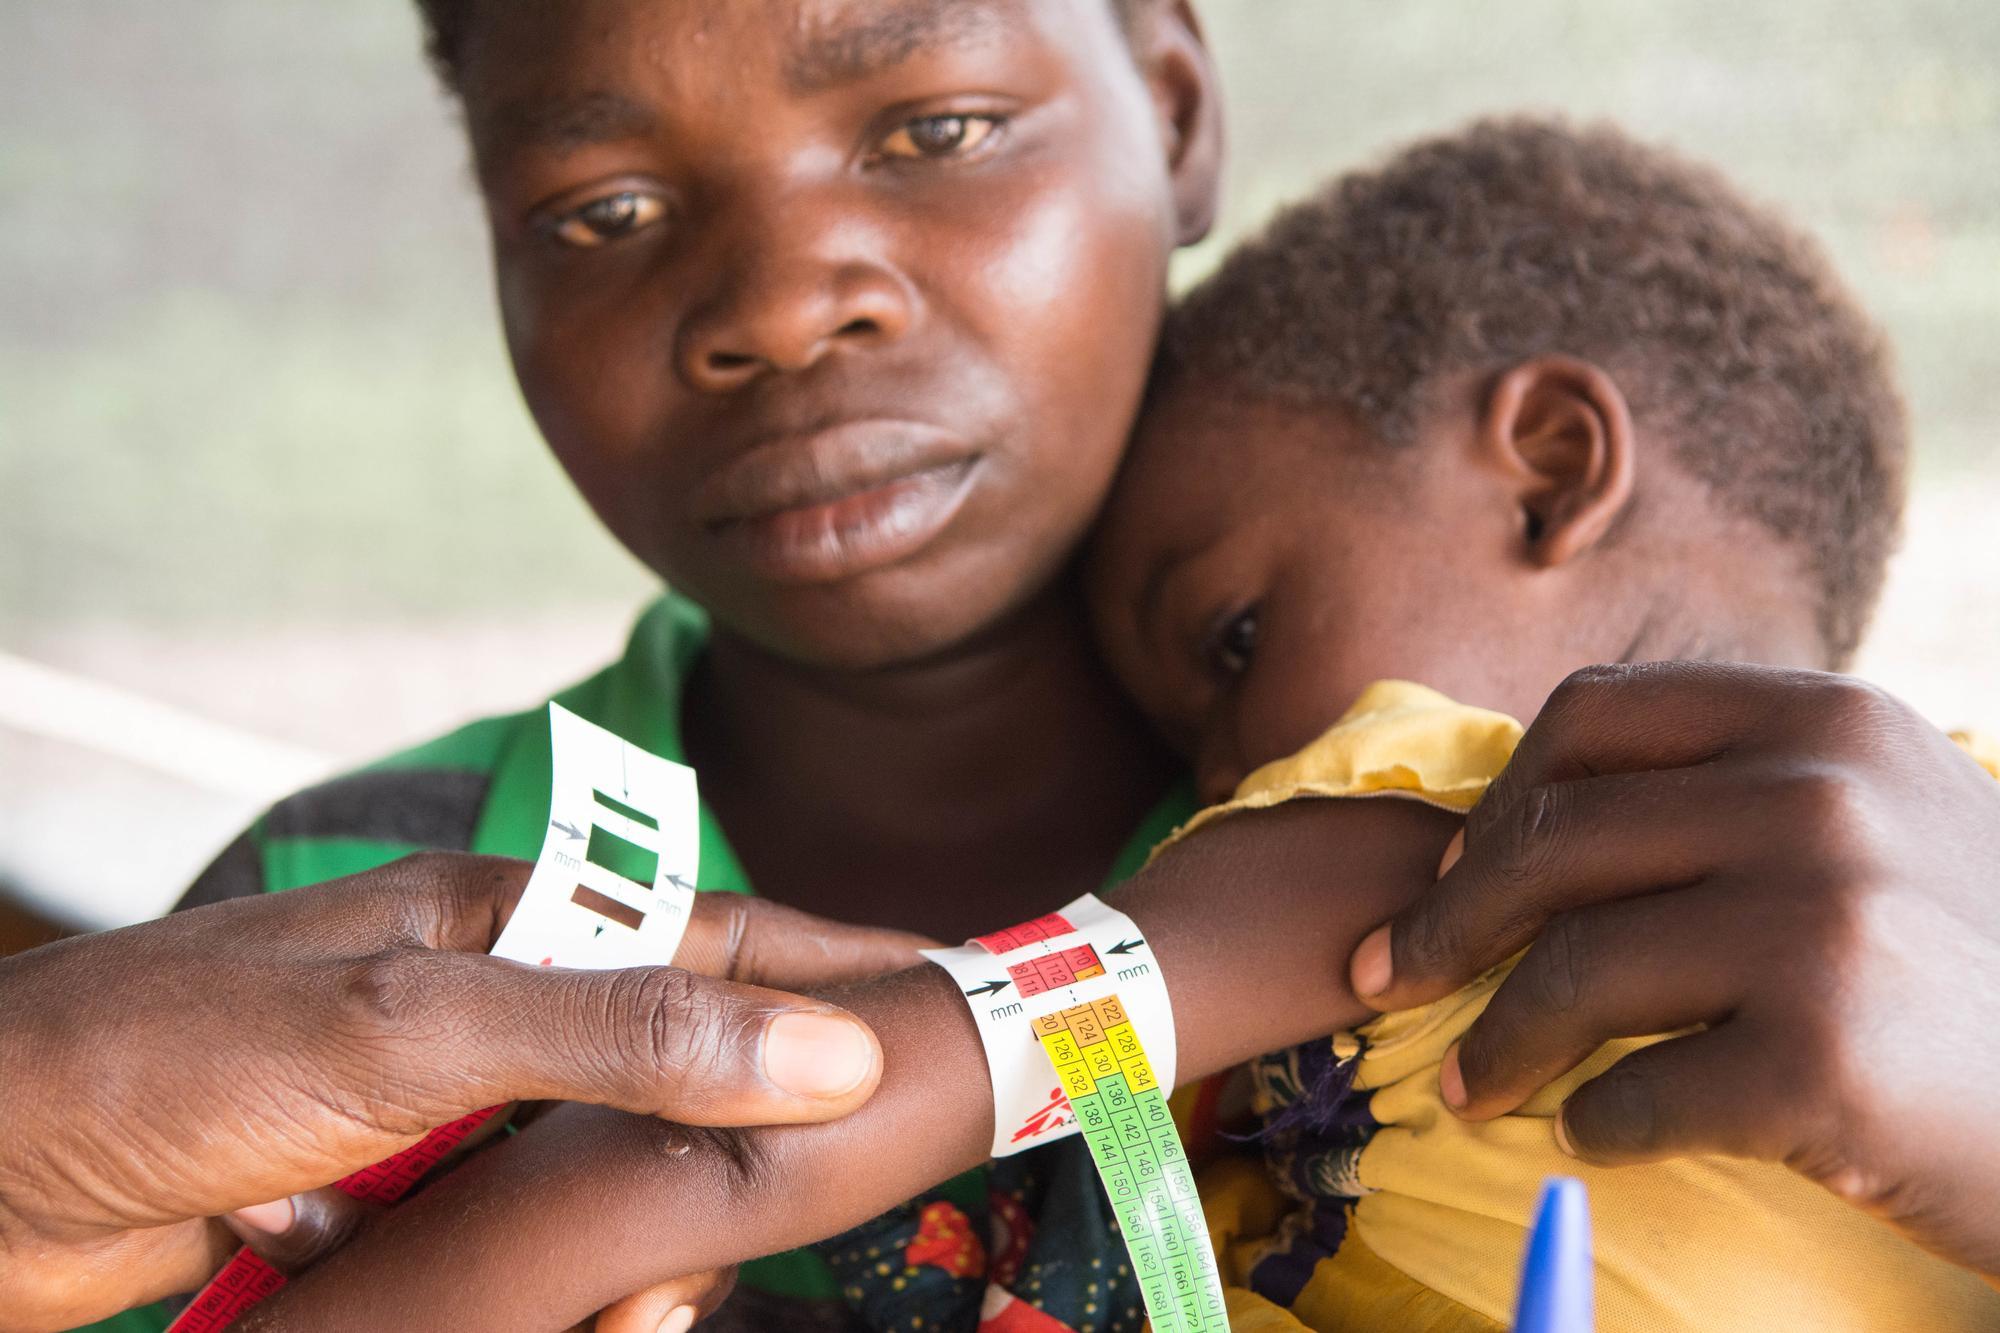 A child is assessed for malnutrition in Manono health zone, Democratic Republic of Congo.